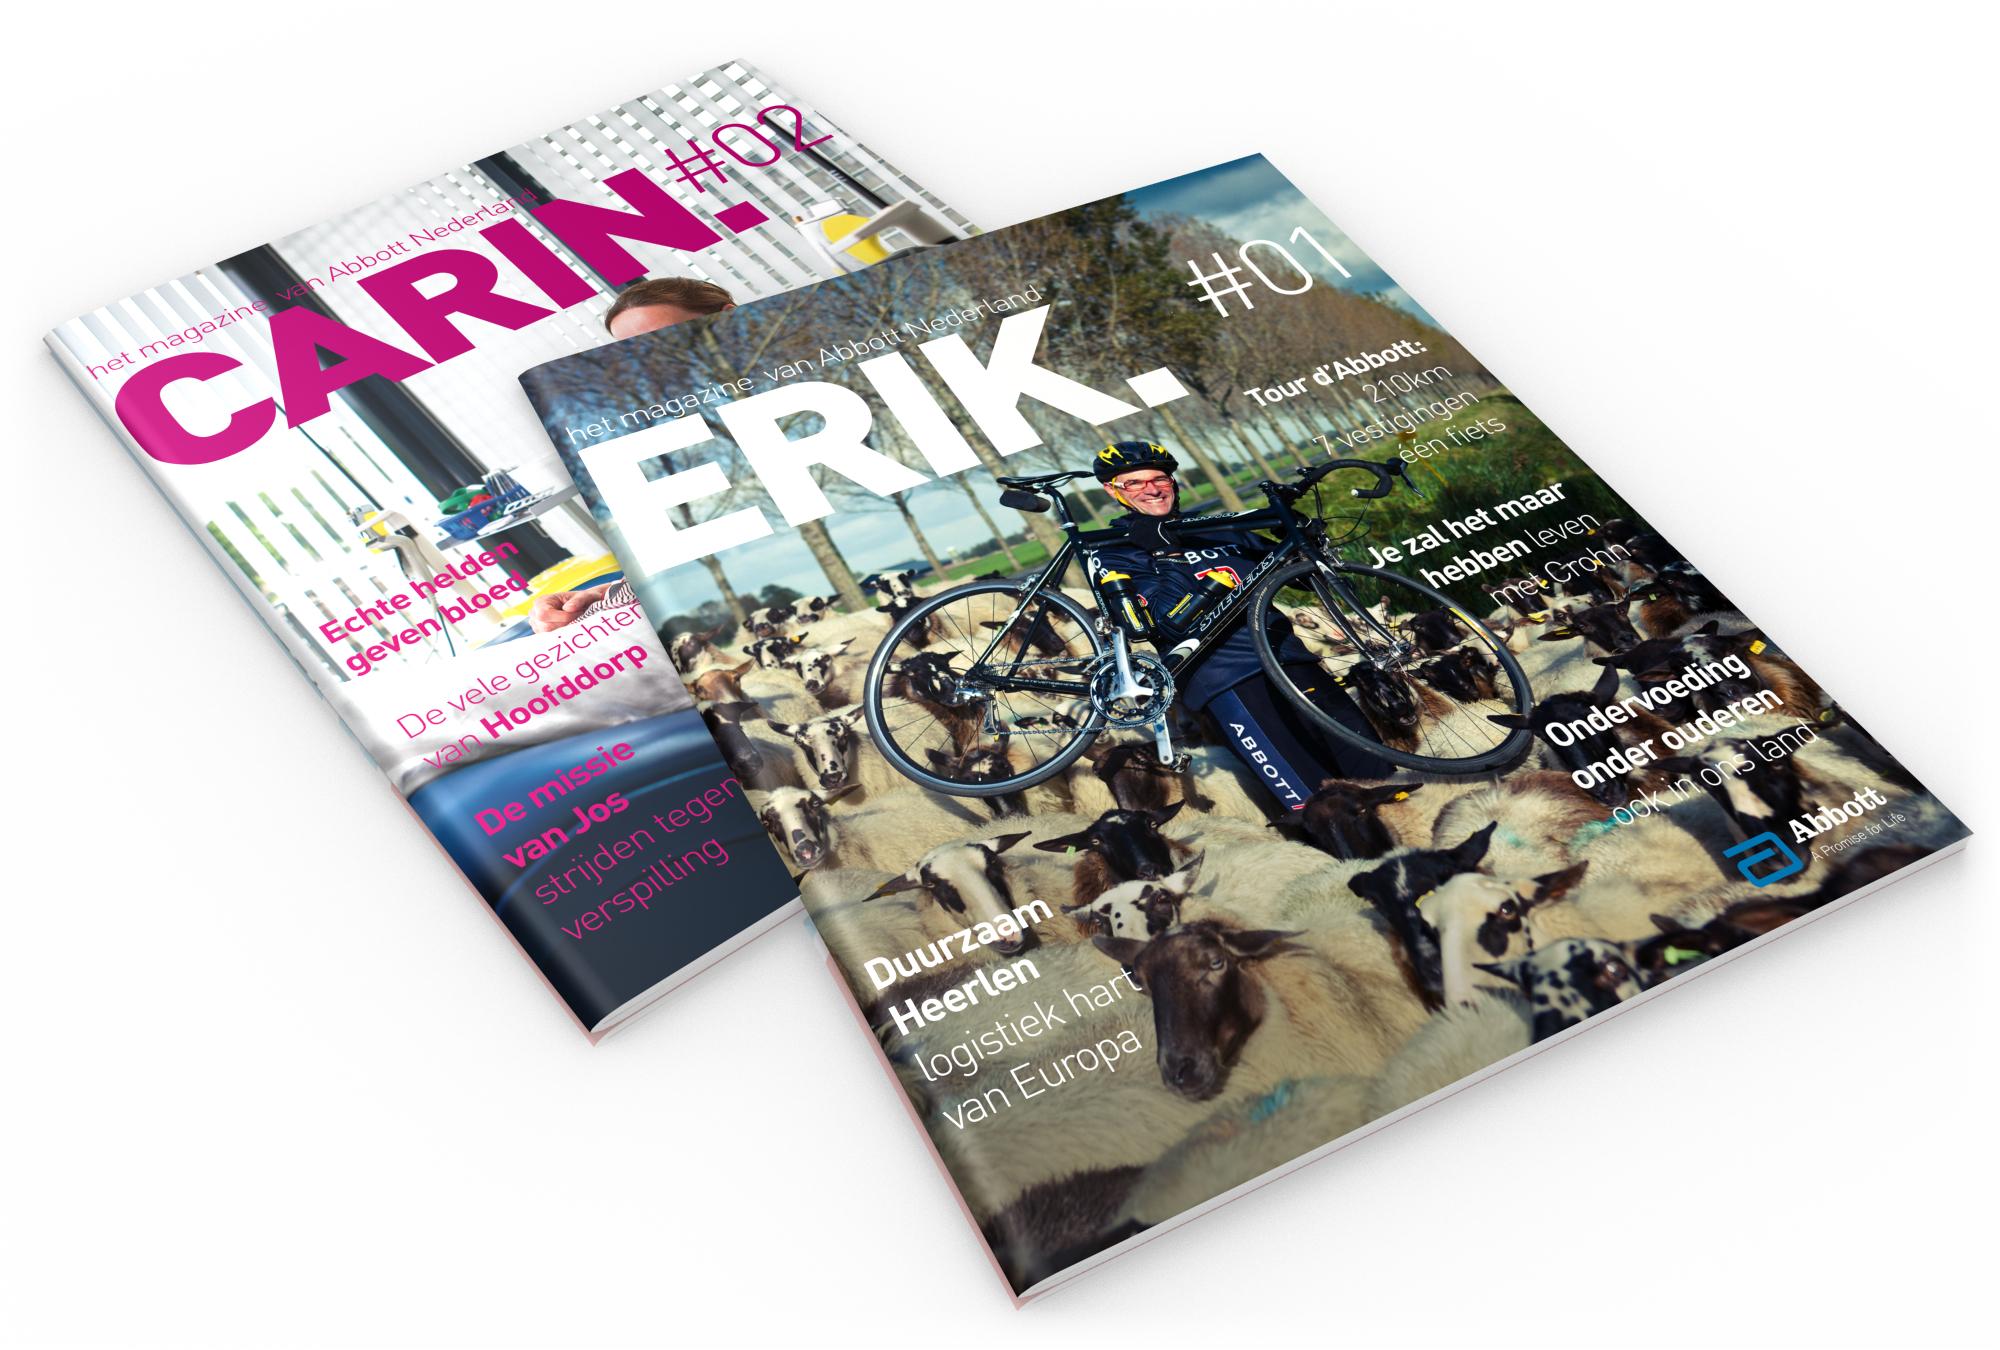 covers_magazine.jpg